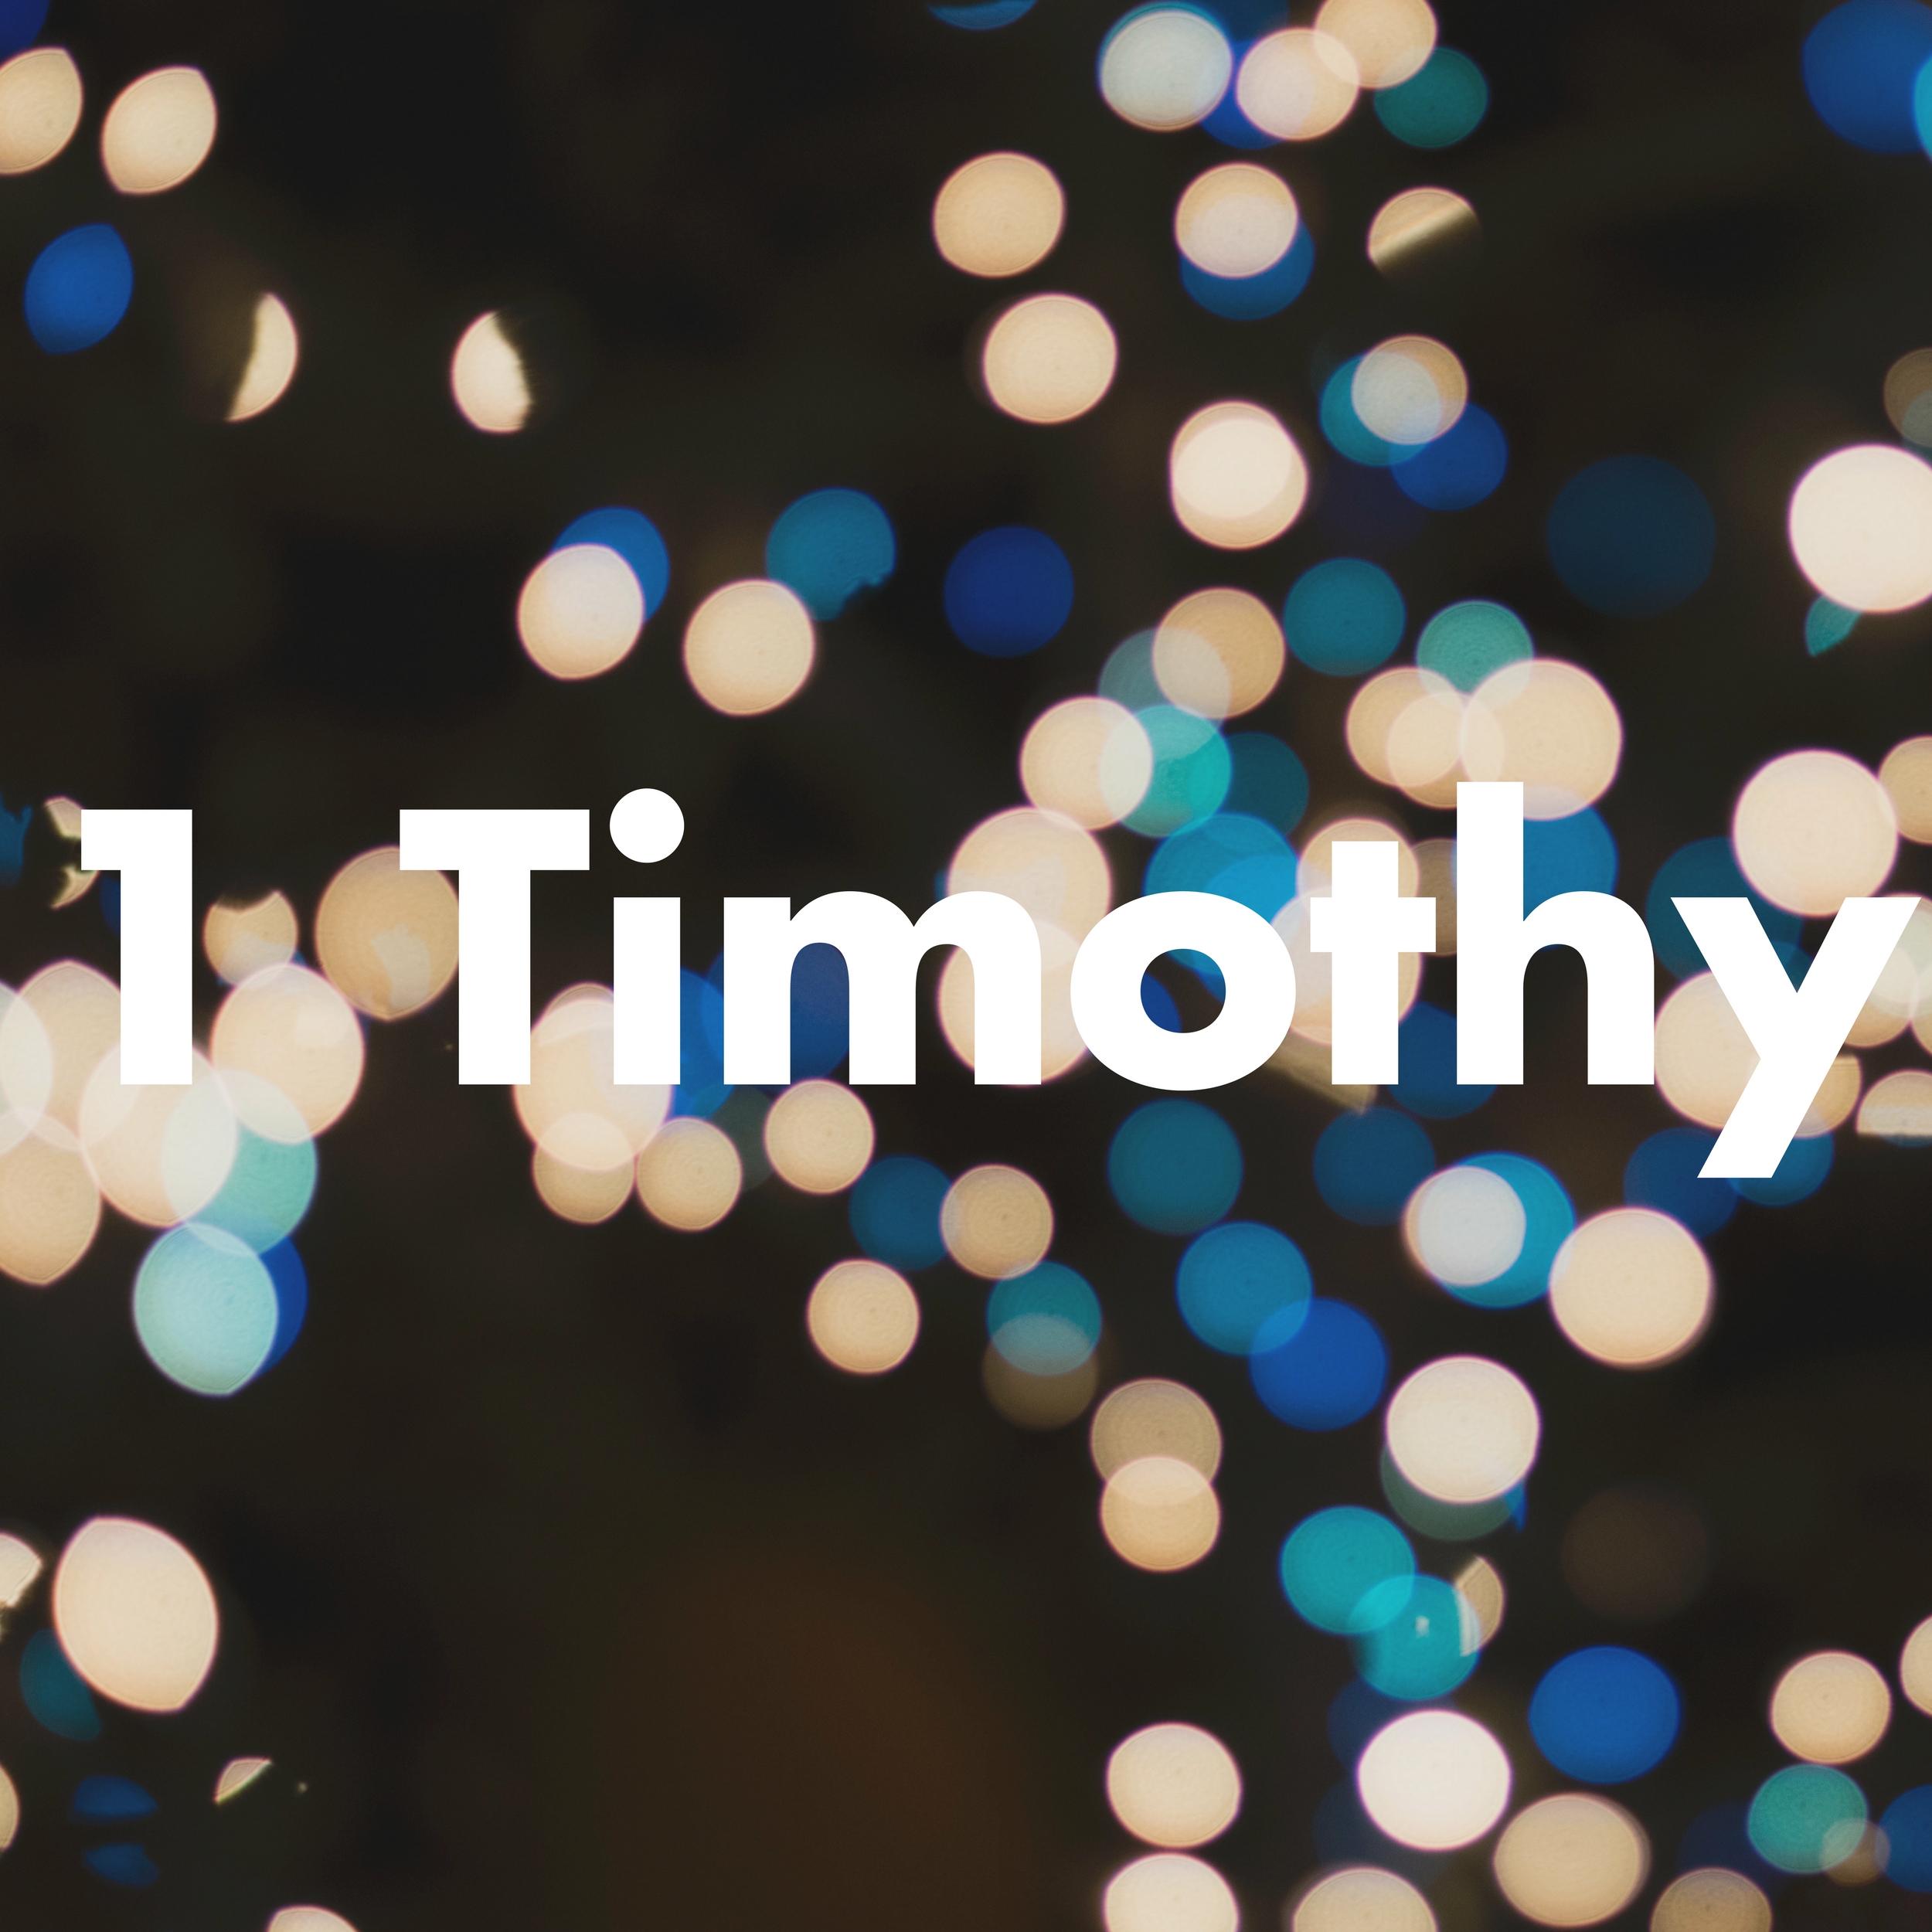 1 Timothy (1).jpg